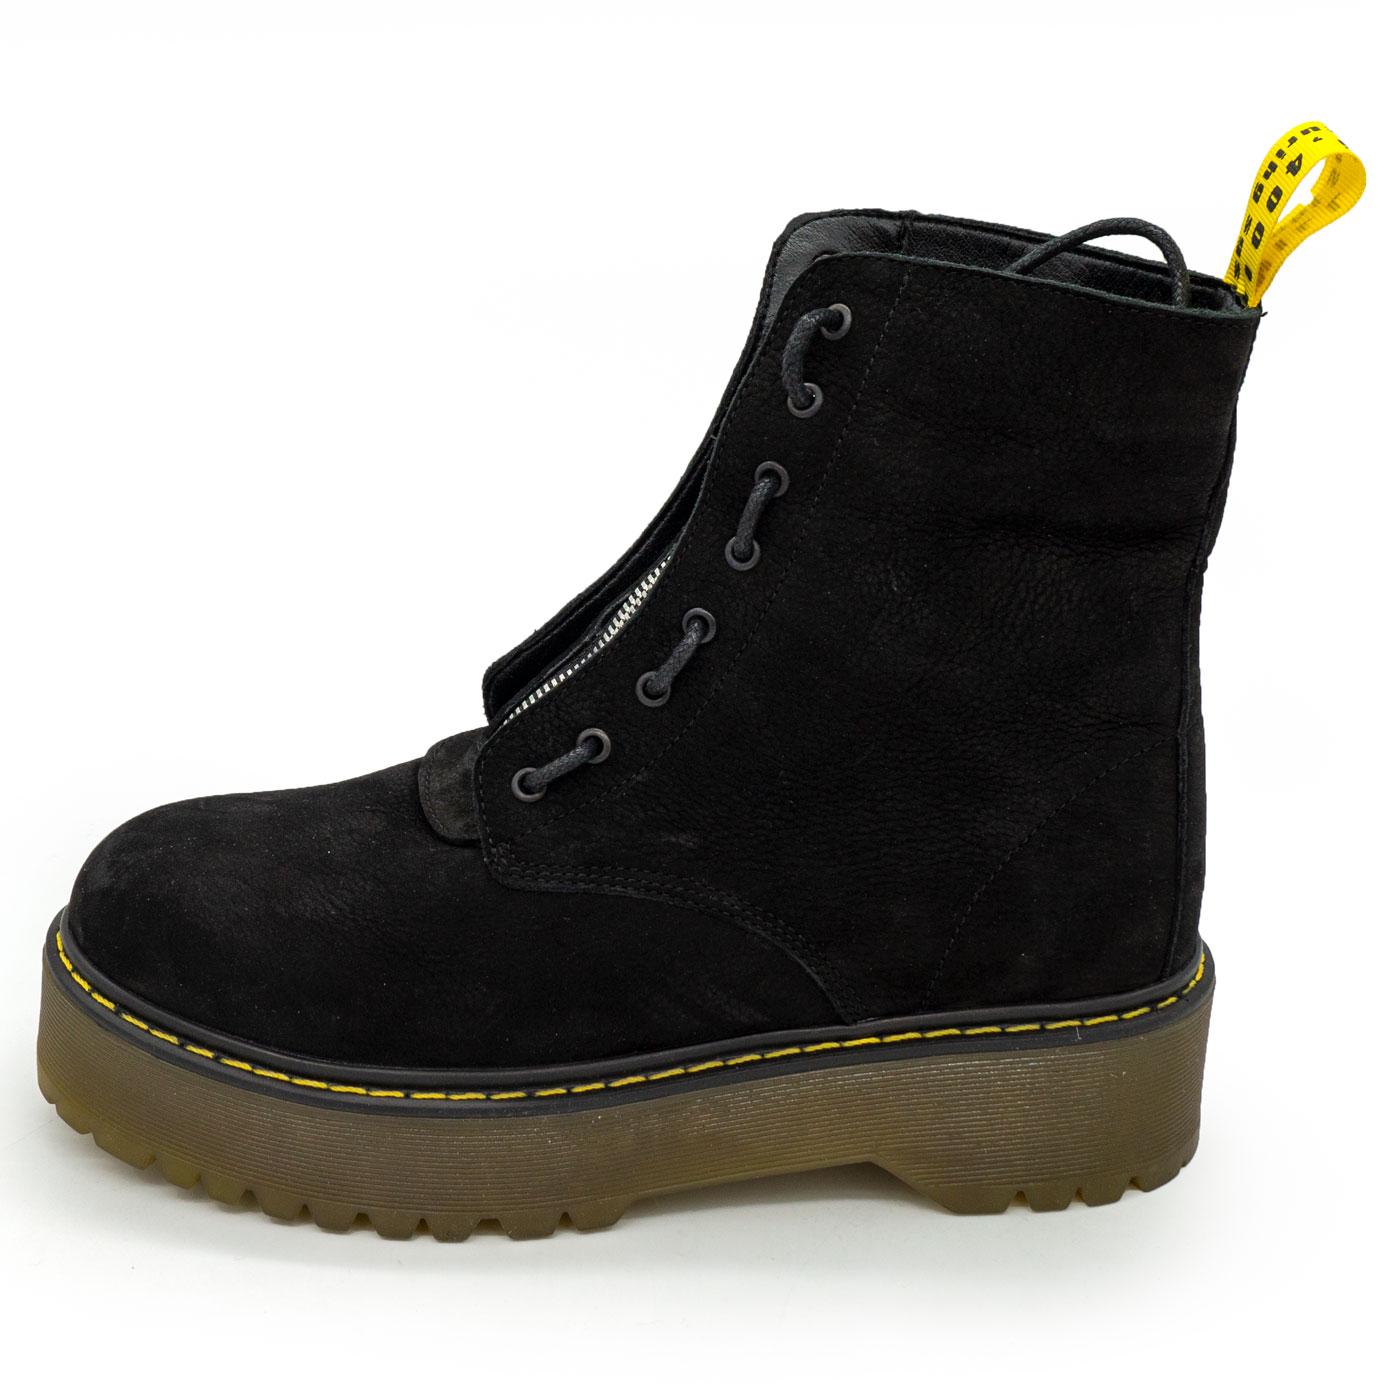 фото main Черные женские ботинки с мехом на платформе в стиле Dr. Martens  нубук main